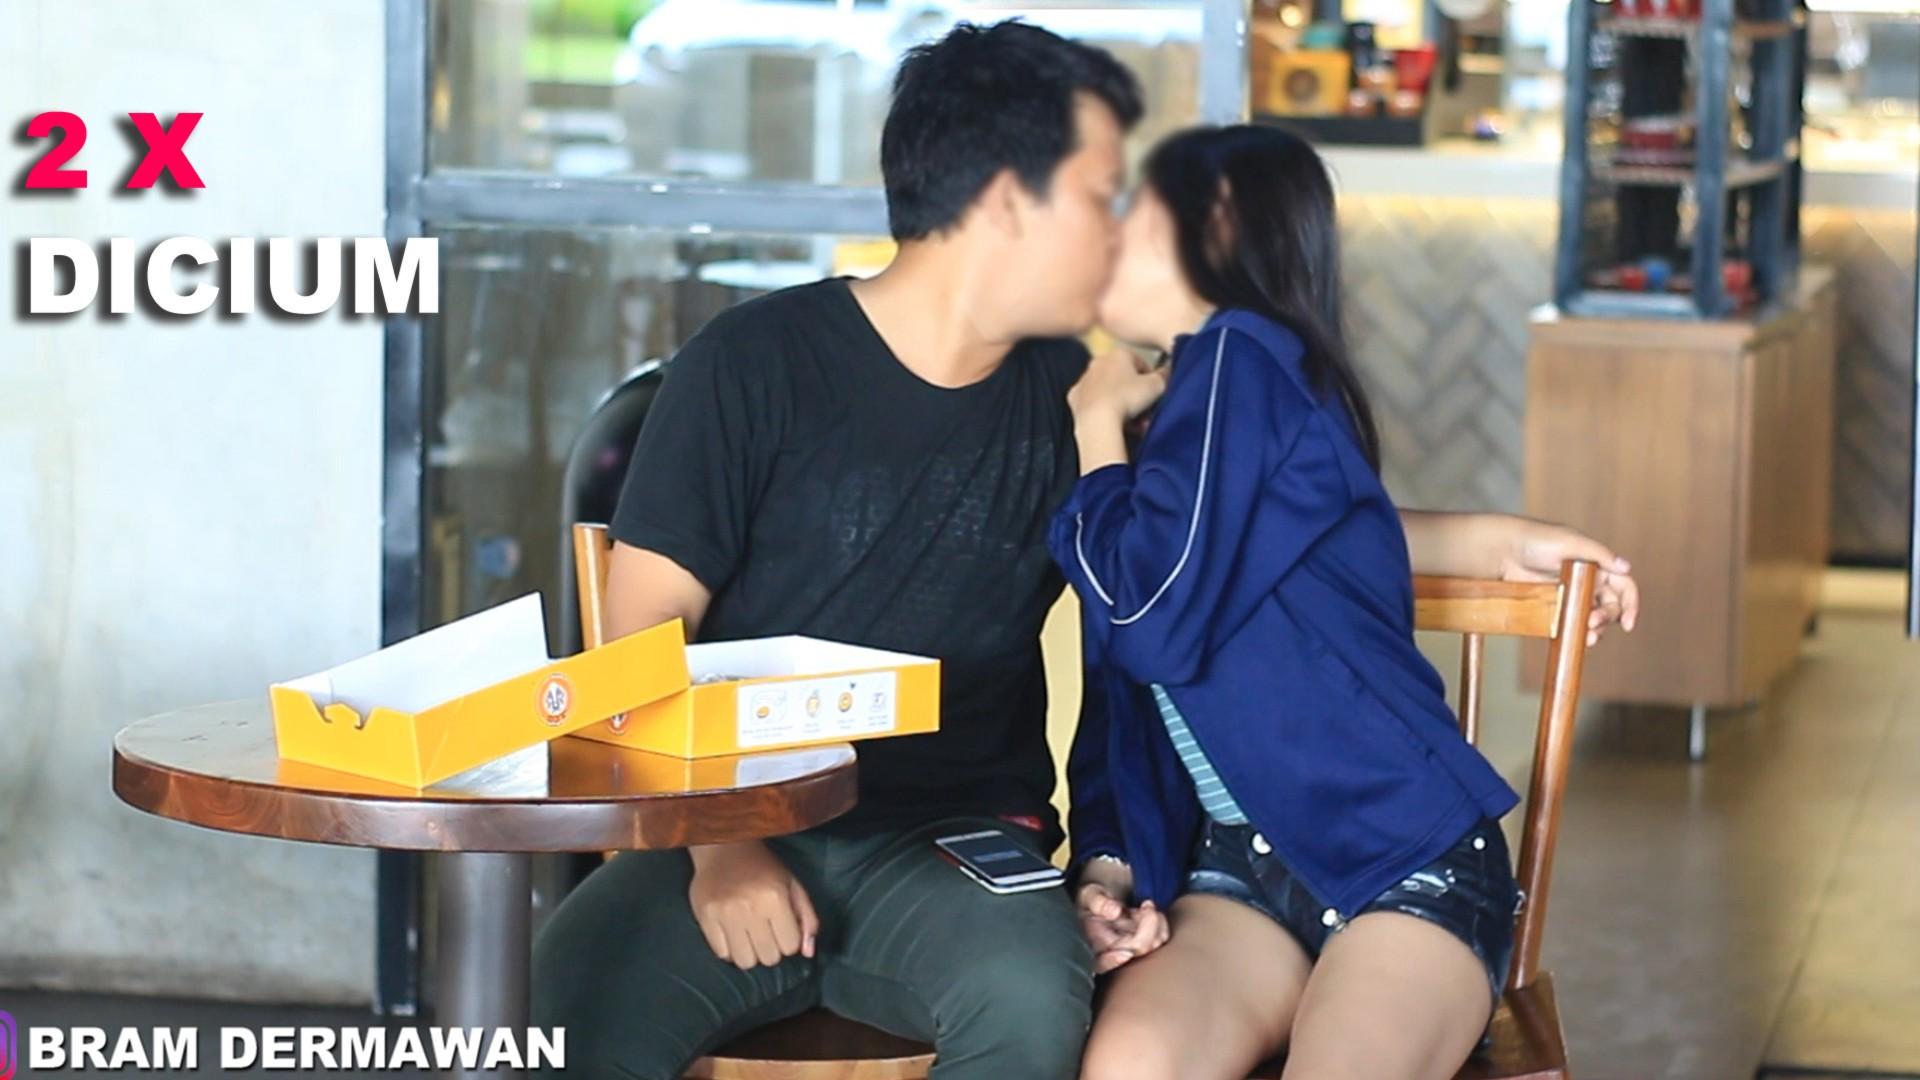 Kiss Challange Cara Mendapatkan Cium Dari Cewek Bram Dermawan